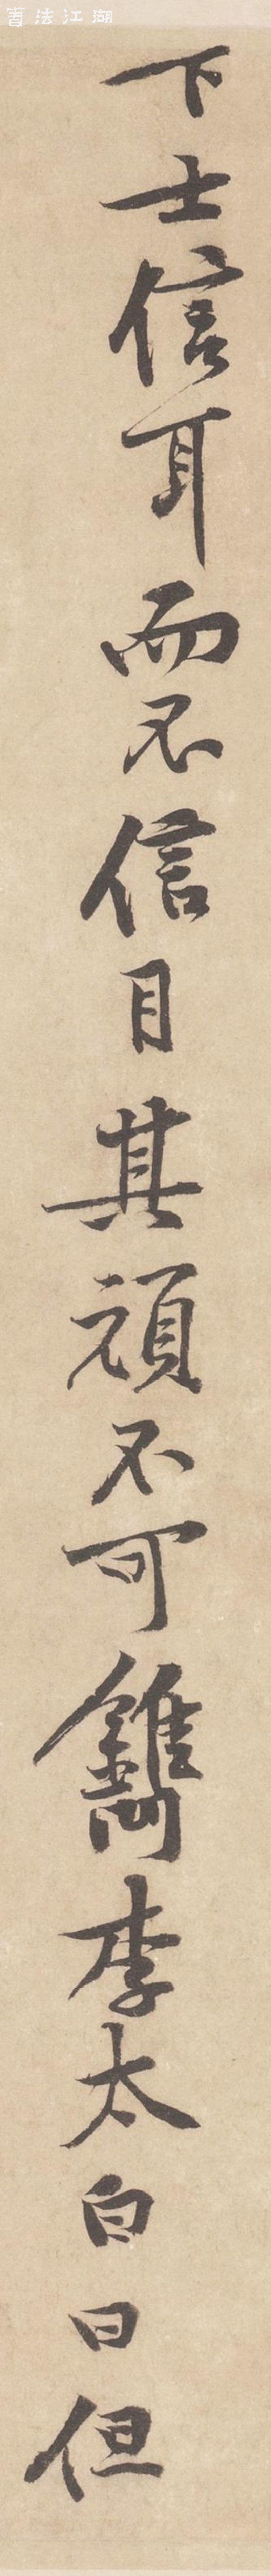 黄庭坚-苦笋赋10.jpg